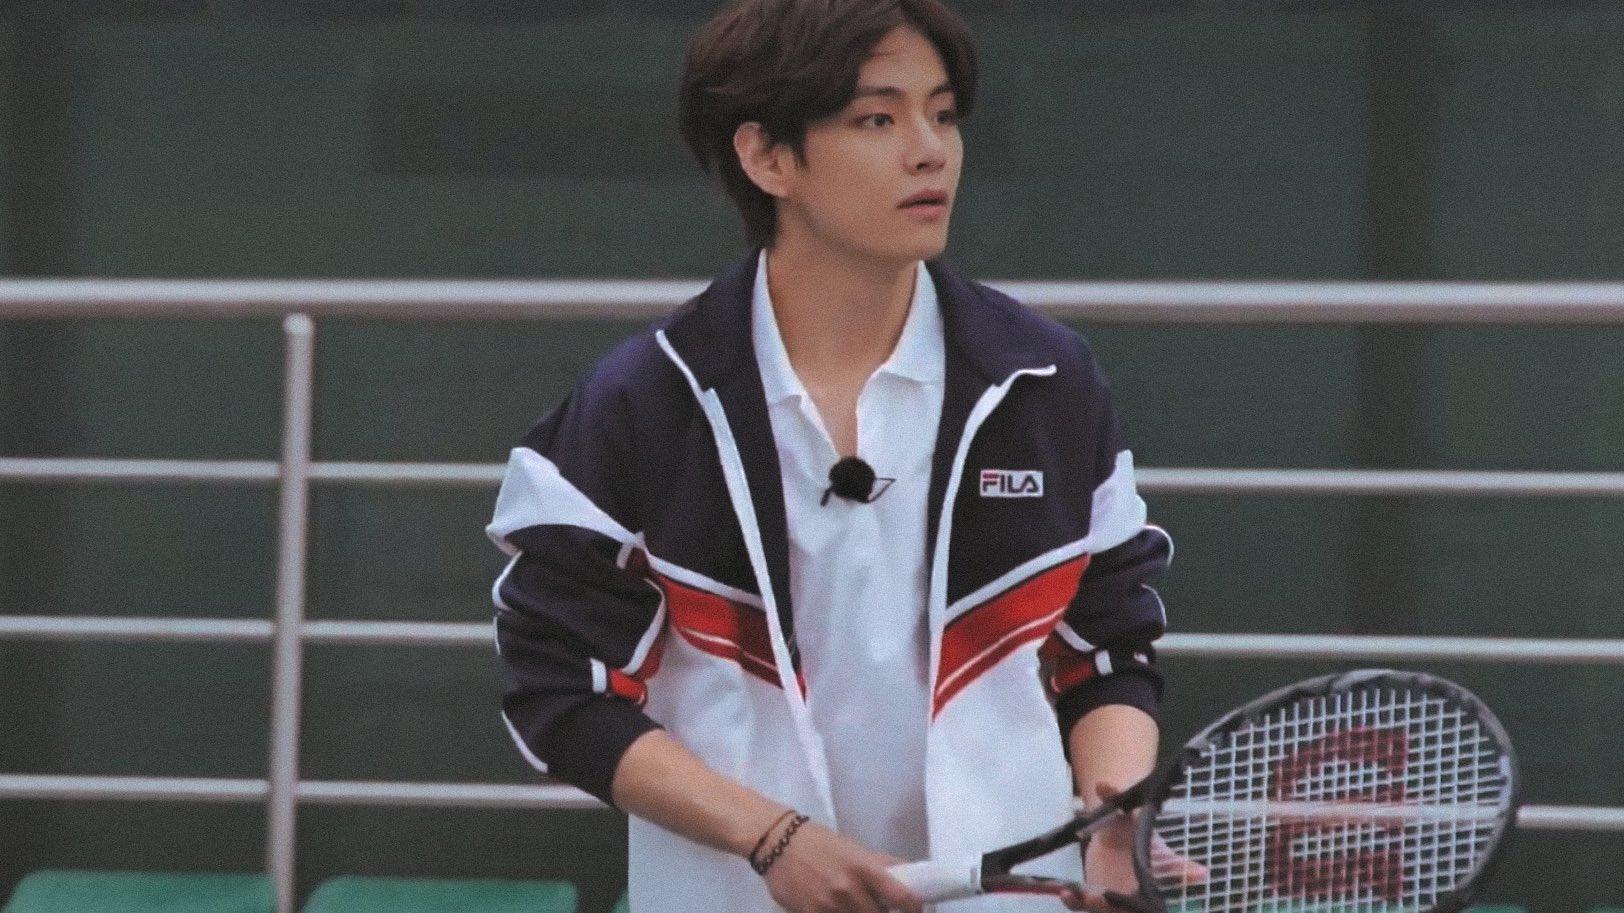 Xem anh chơi quần vợt nhé!